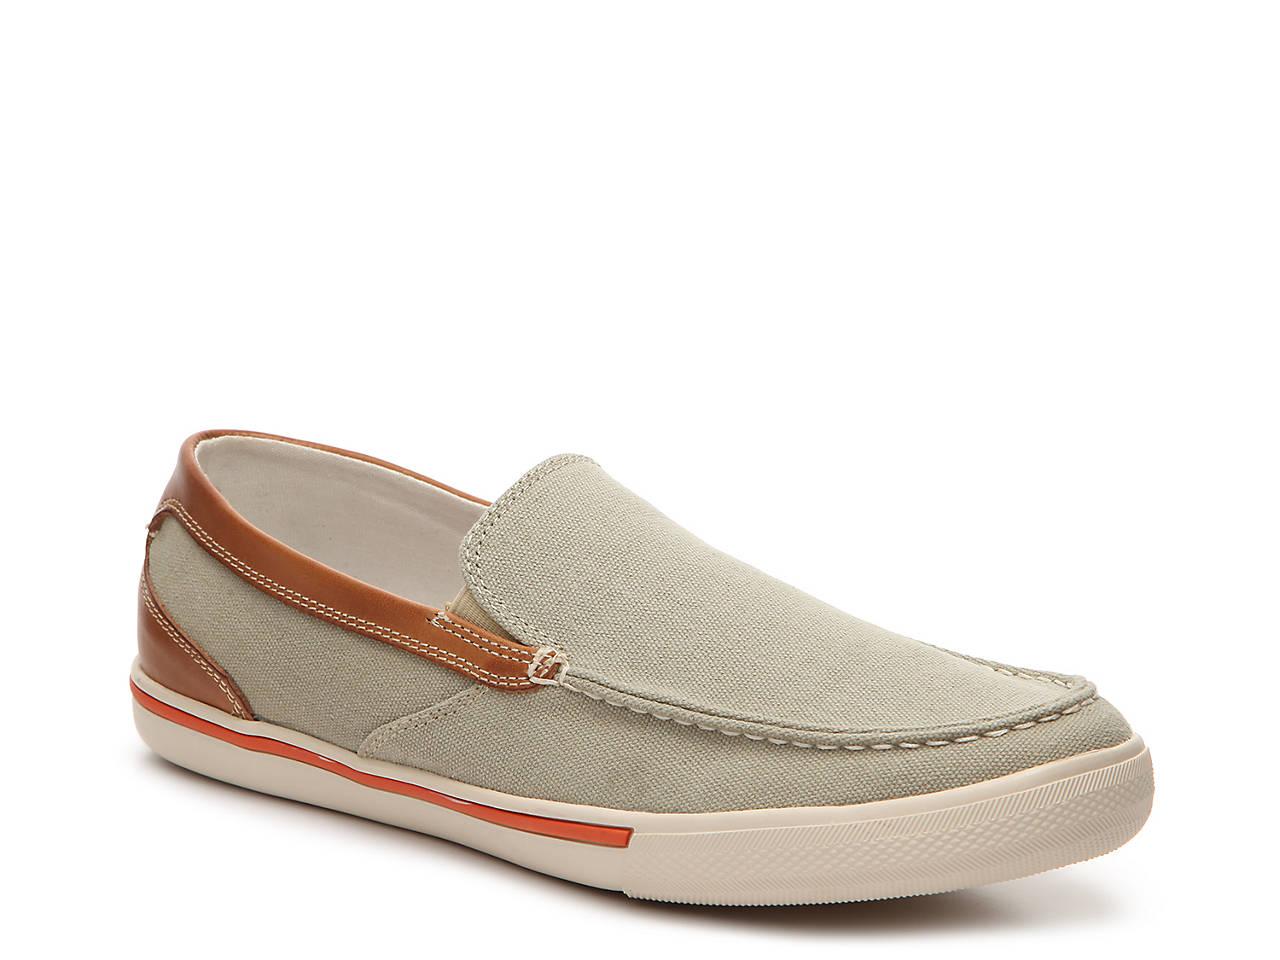 a85d2767466 Tommy Bahama Costa Venetian Slip-On Sneaker Men s Shoes